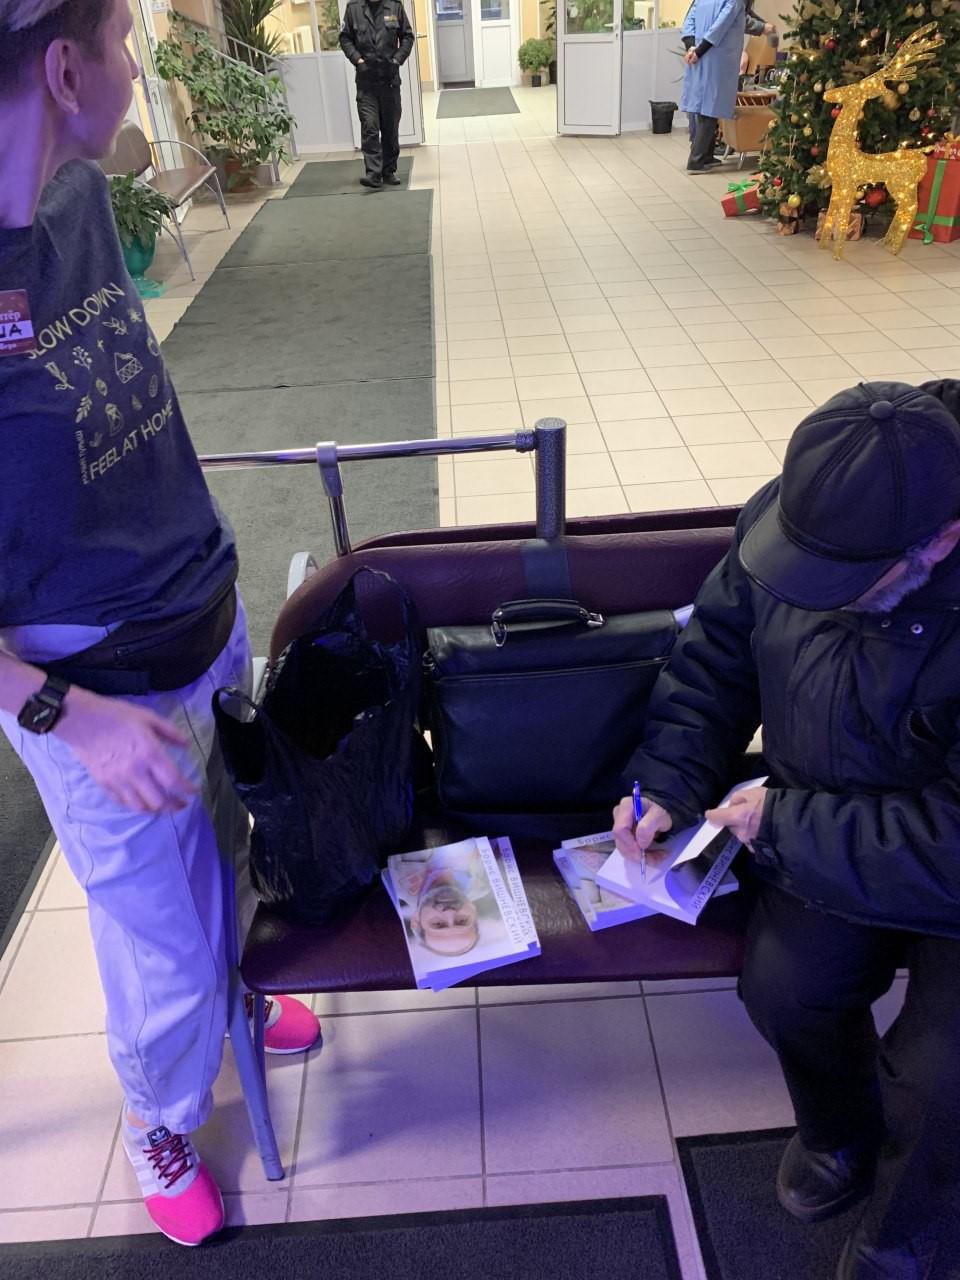 Яблочник Борис Вишневский подарил бесполезную макулатуру пациентам хосписа